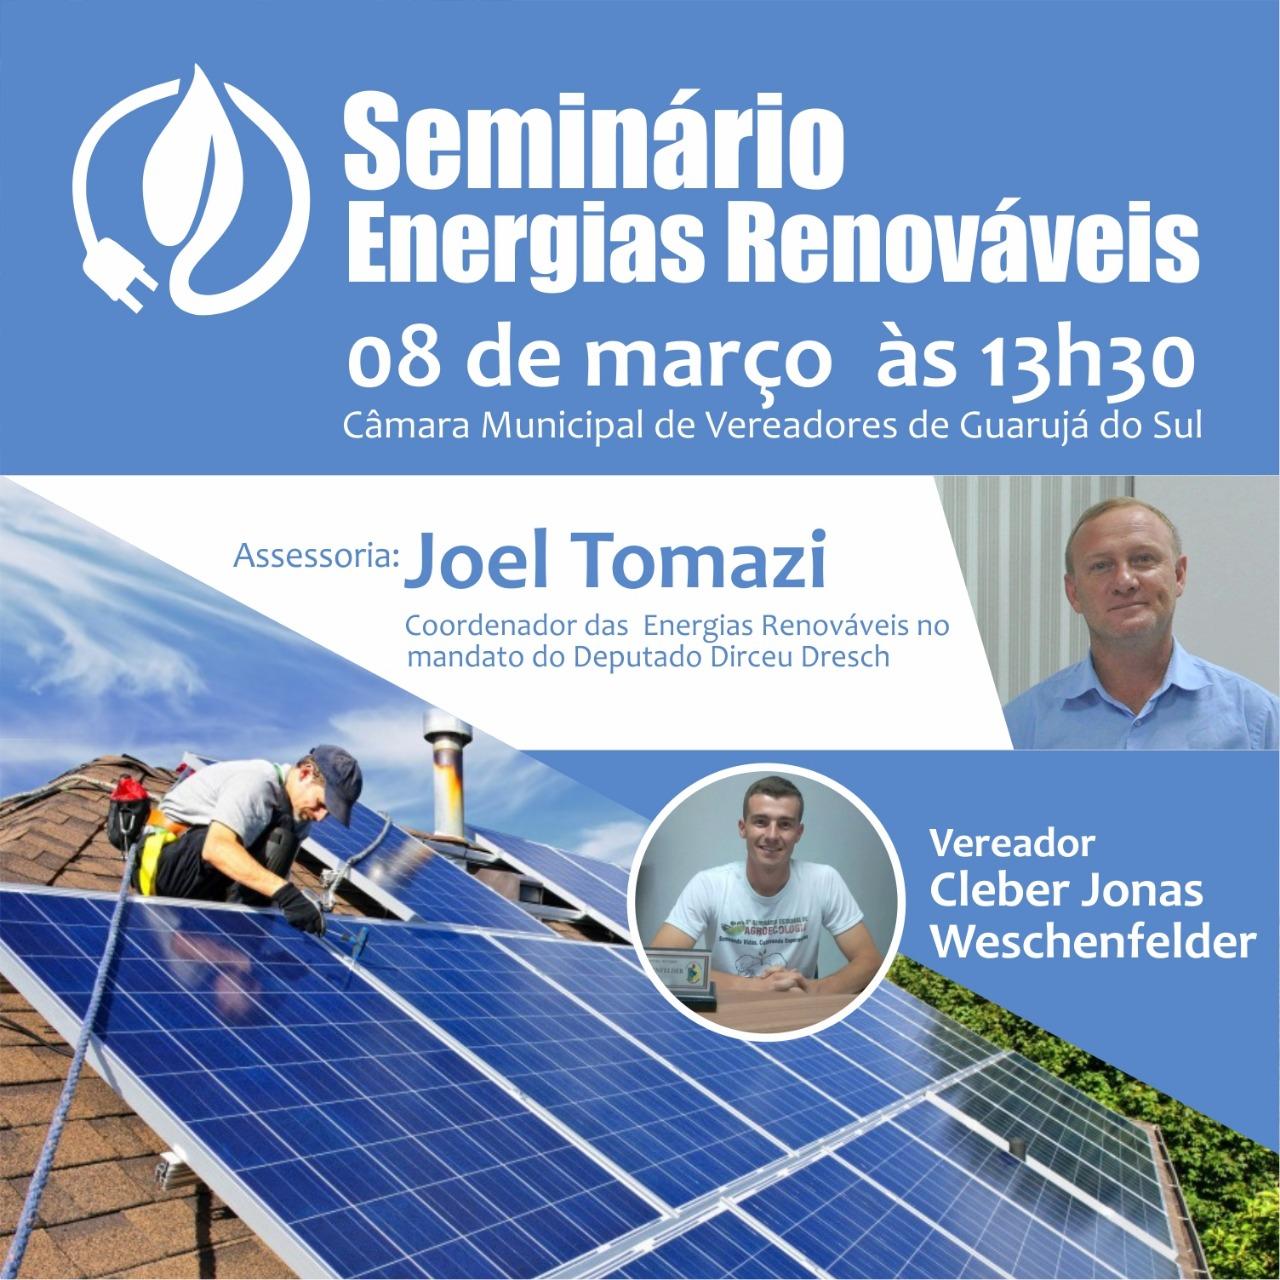 Guarujá do Sul sedia seminário sobre energias renováveis e desenvolvimento sustentável